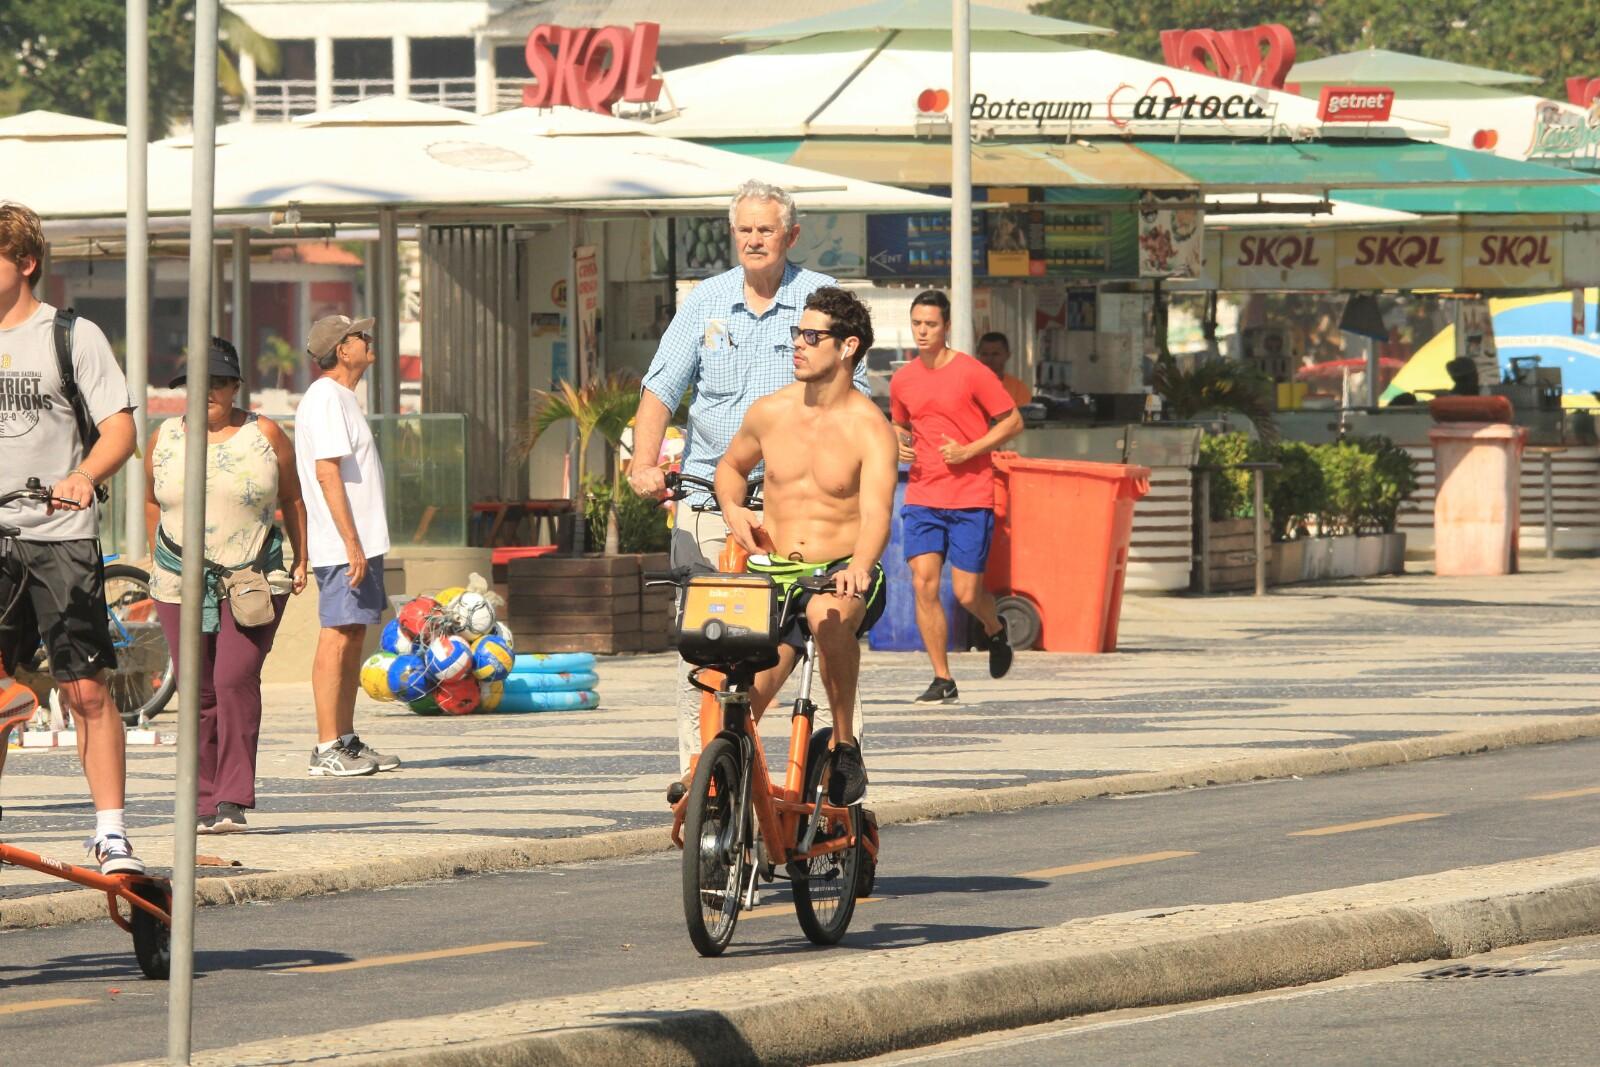 Ator da Globo, José Loreto na praia do Rio de Janeiro (AgNews)